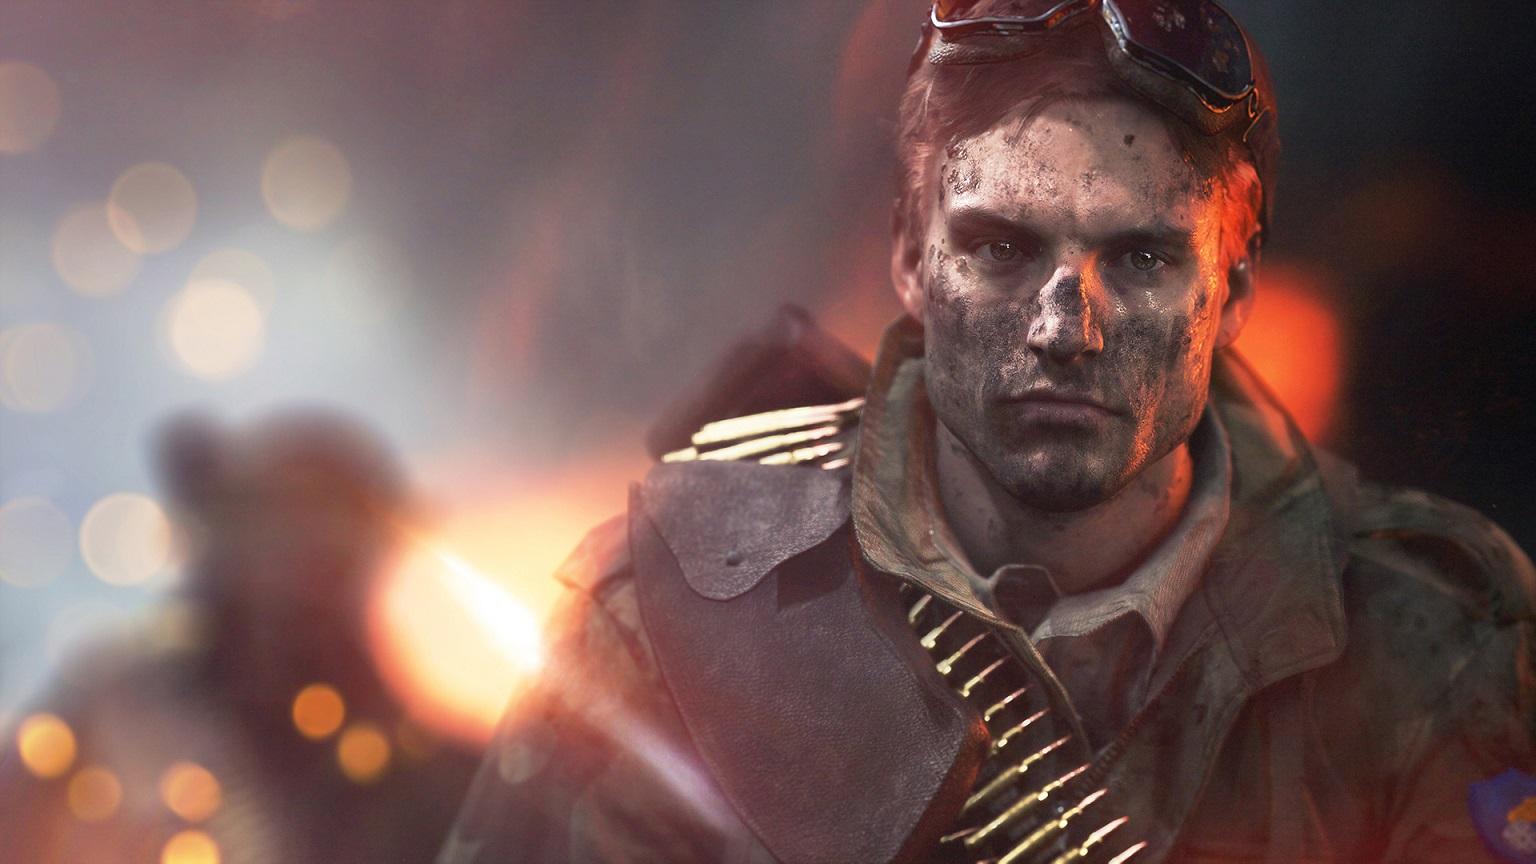 В Orign началась крупная распродажа. Получите Far Cry 5, Battlefield V и множество игр серии Star Wars с большими скидкам